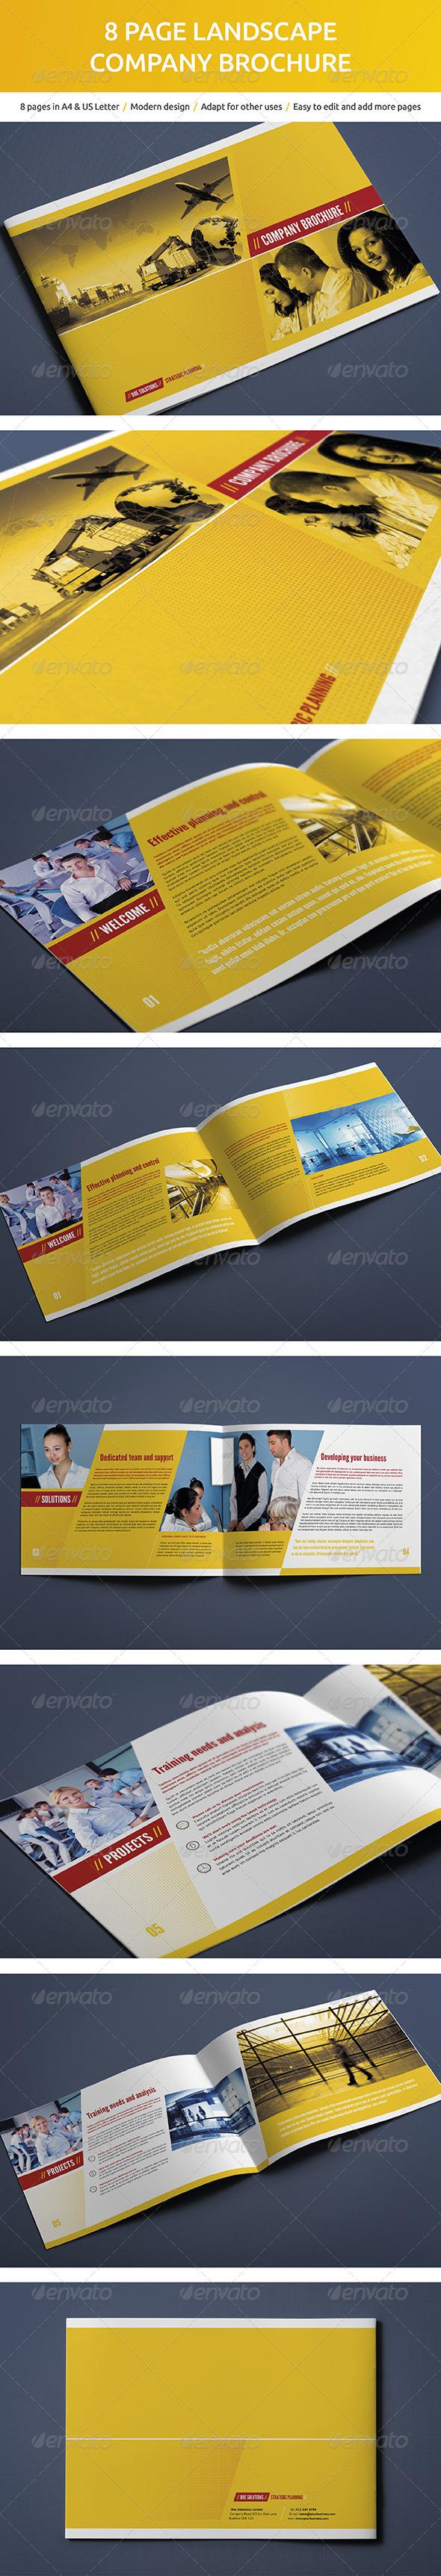 GraphicRiver 8 Page Landscape Company Brochure 5373988